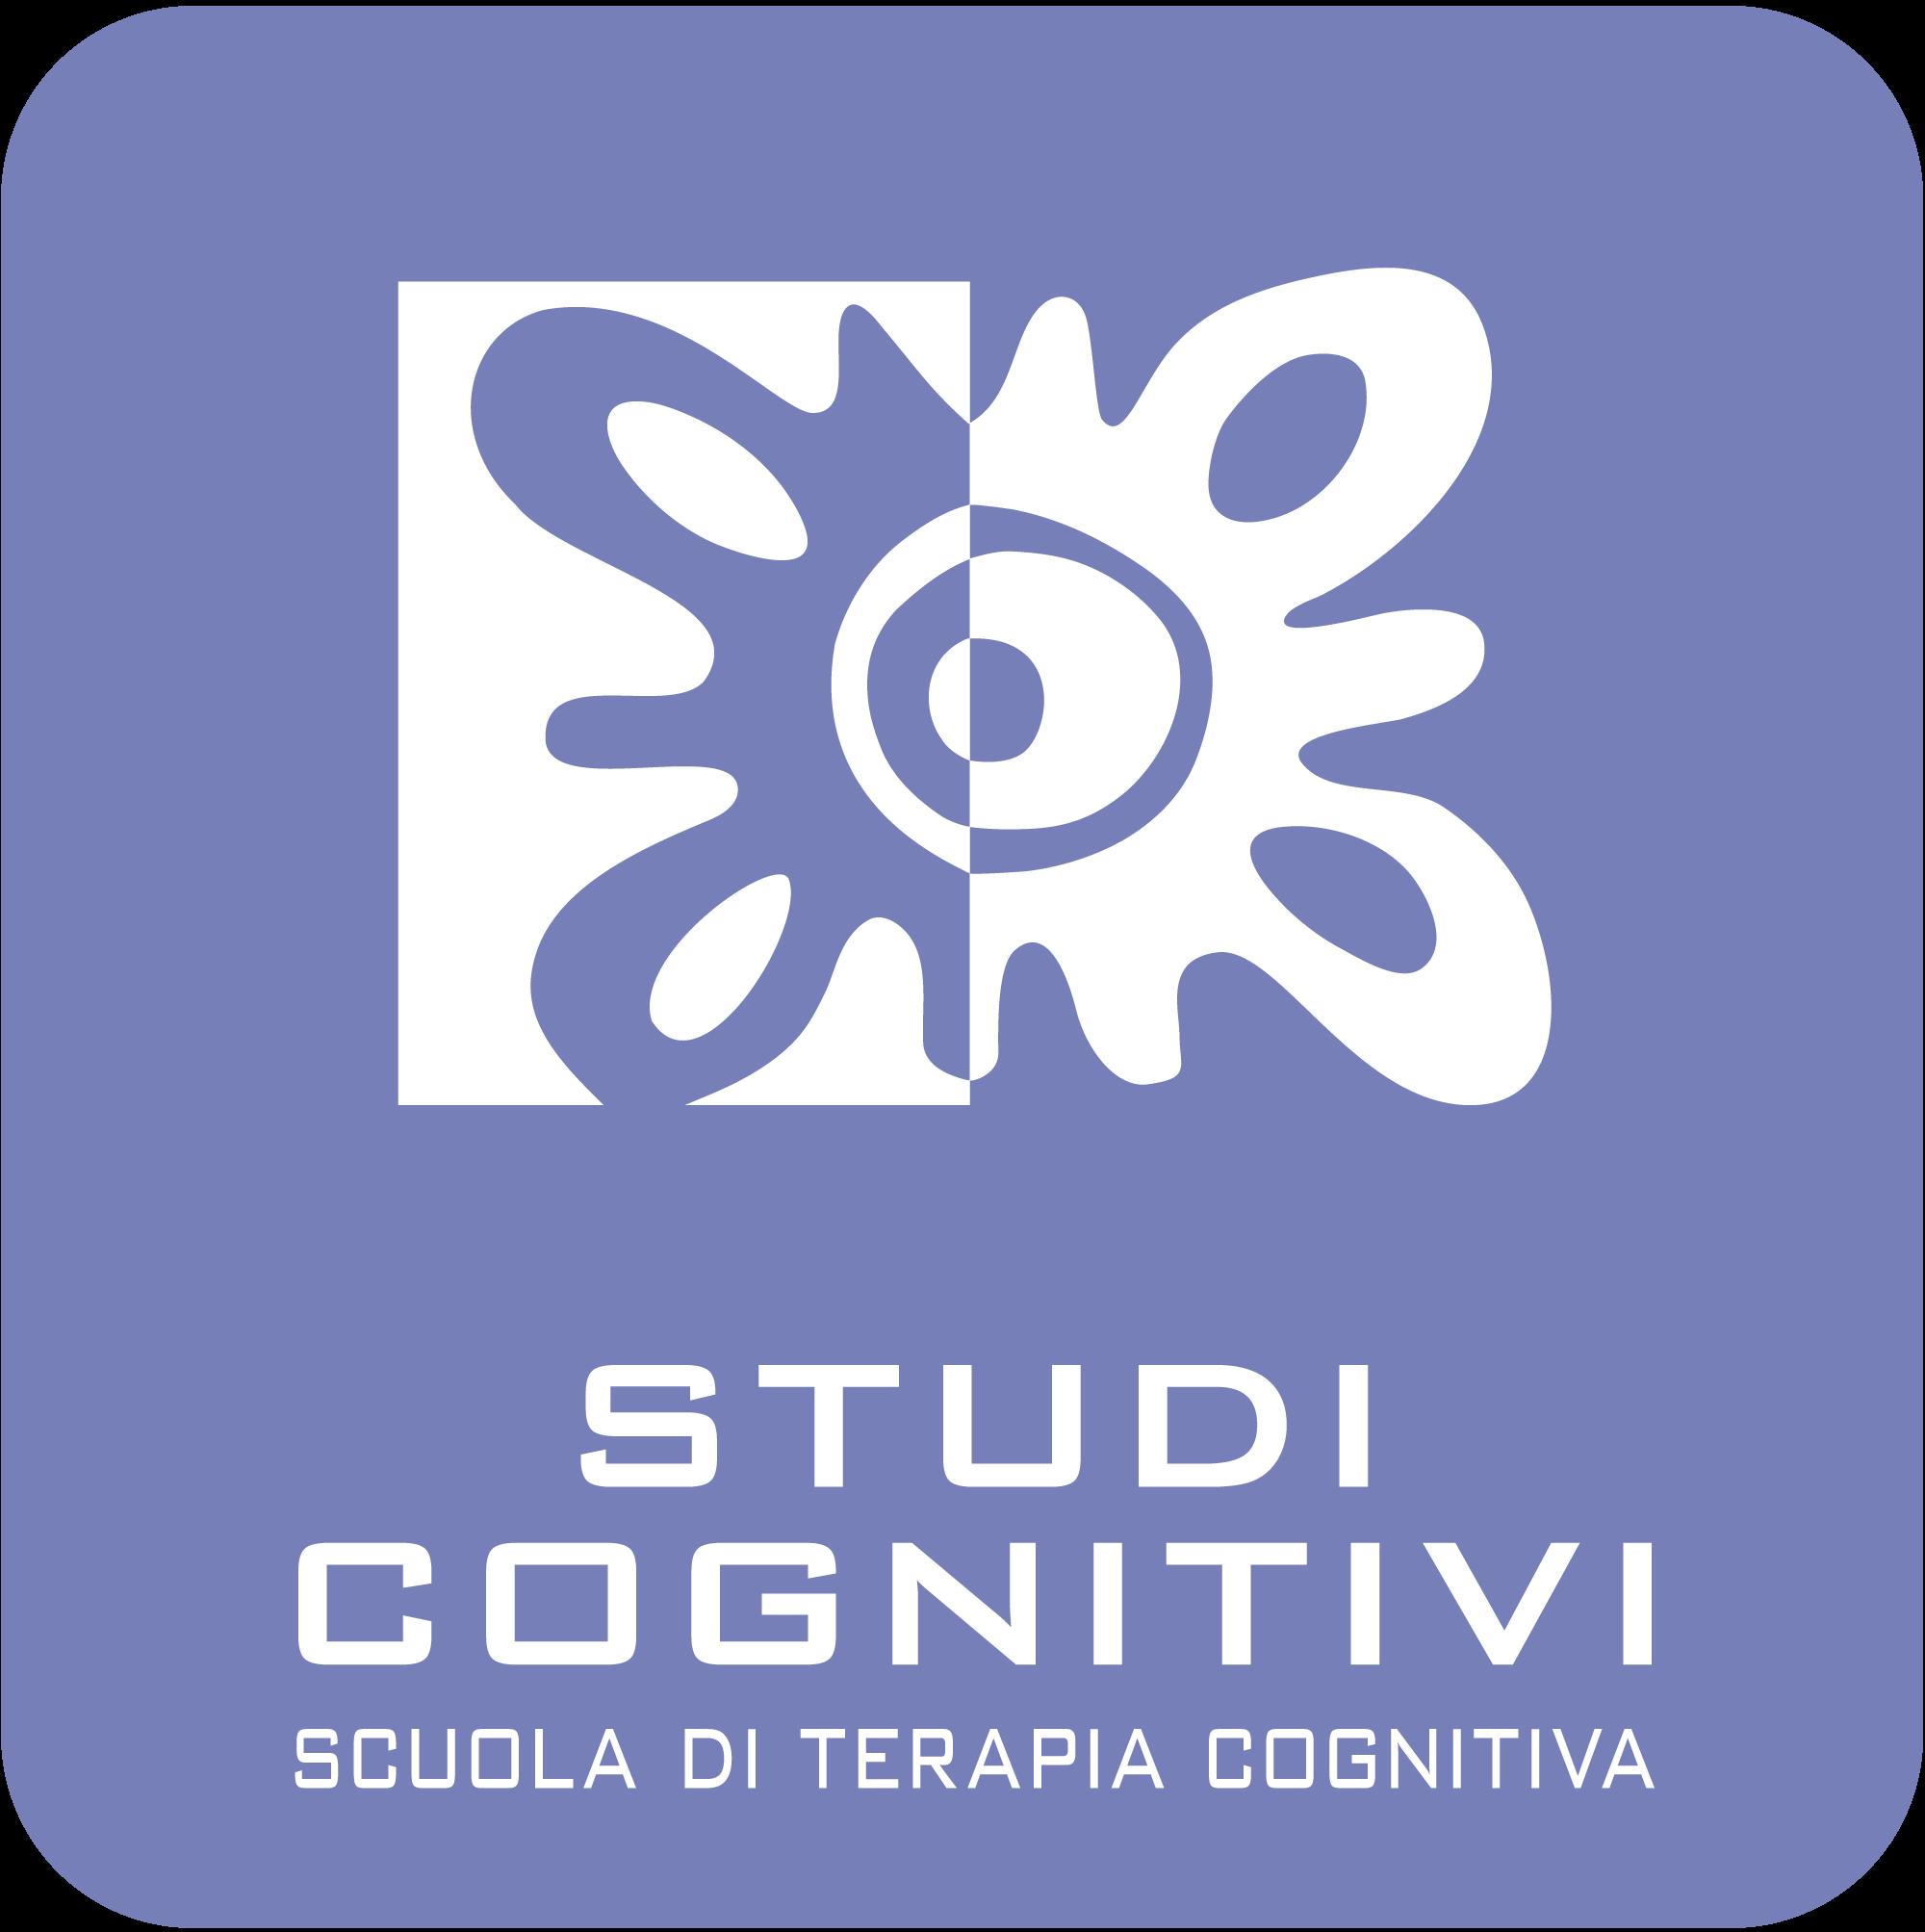 Centri di Psicologia e di Psicoterapia del network Studi Cognitivi